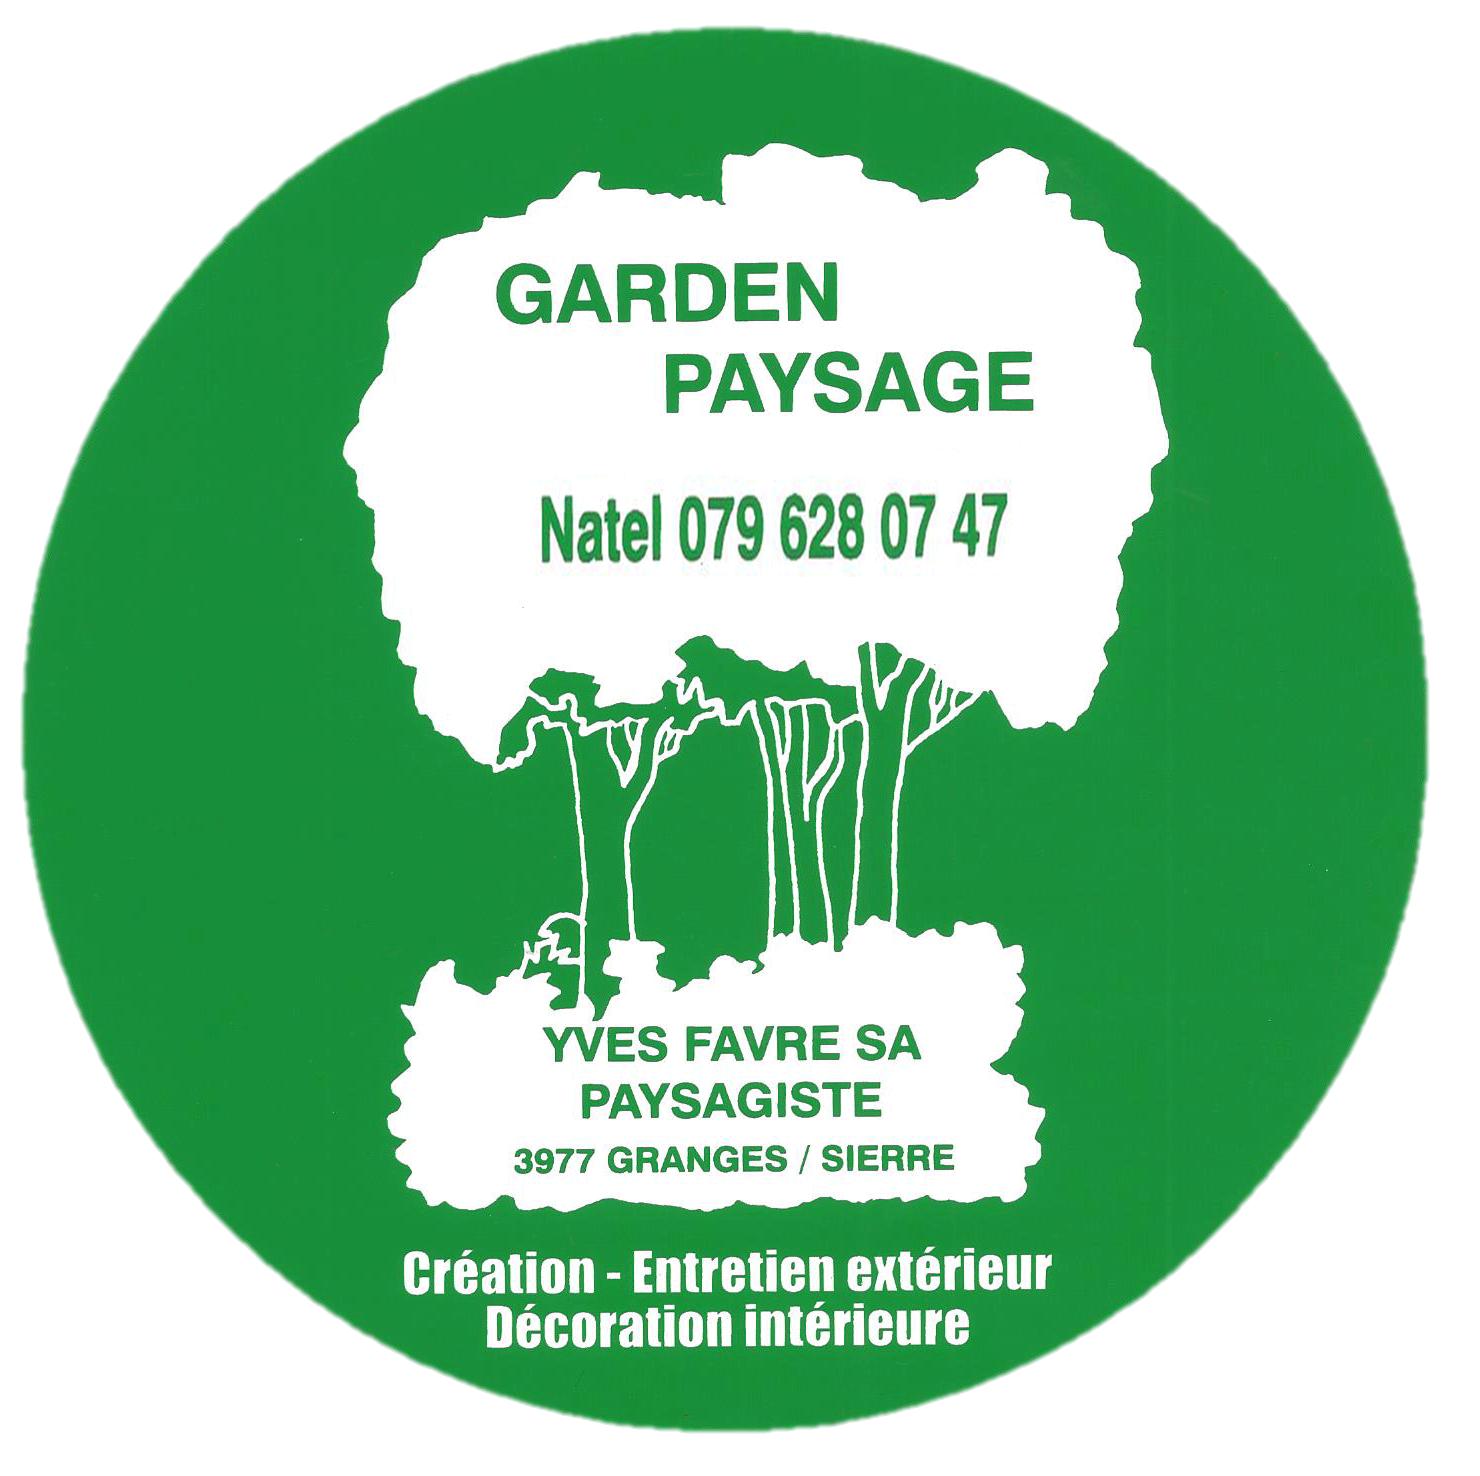 Garden Paysage Yves Favre SA